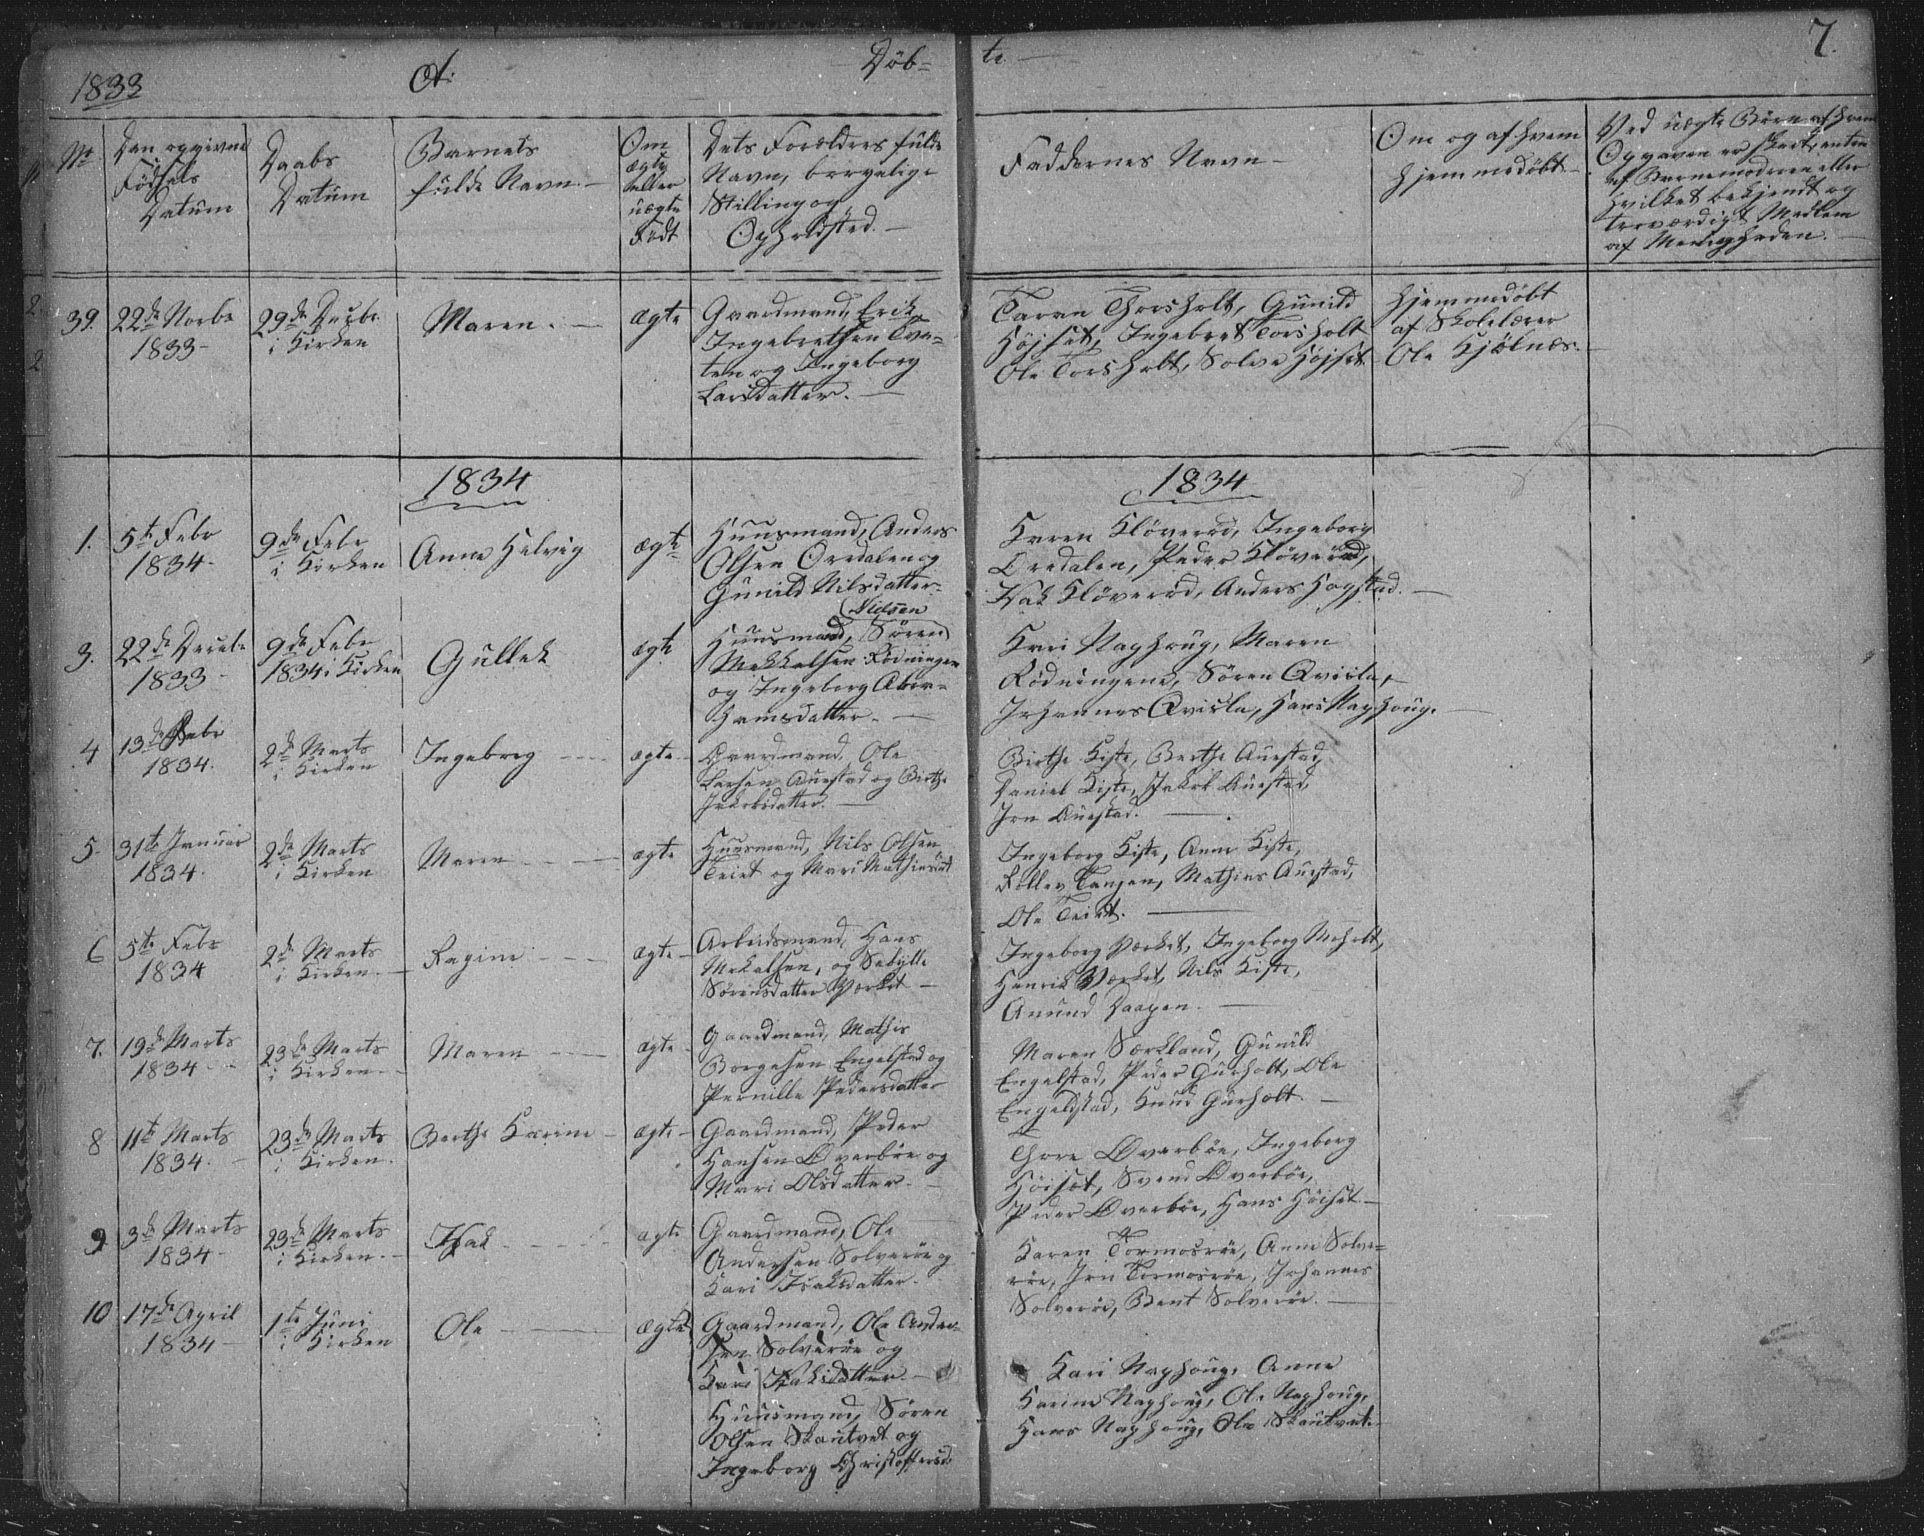 SAKO, Siljan kirkebøker, F/Fa/L0001: Ministerialbok nr. 1, 1831-1870, s. 7